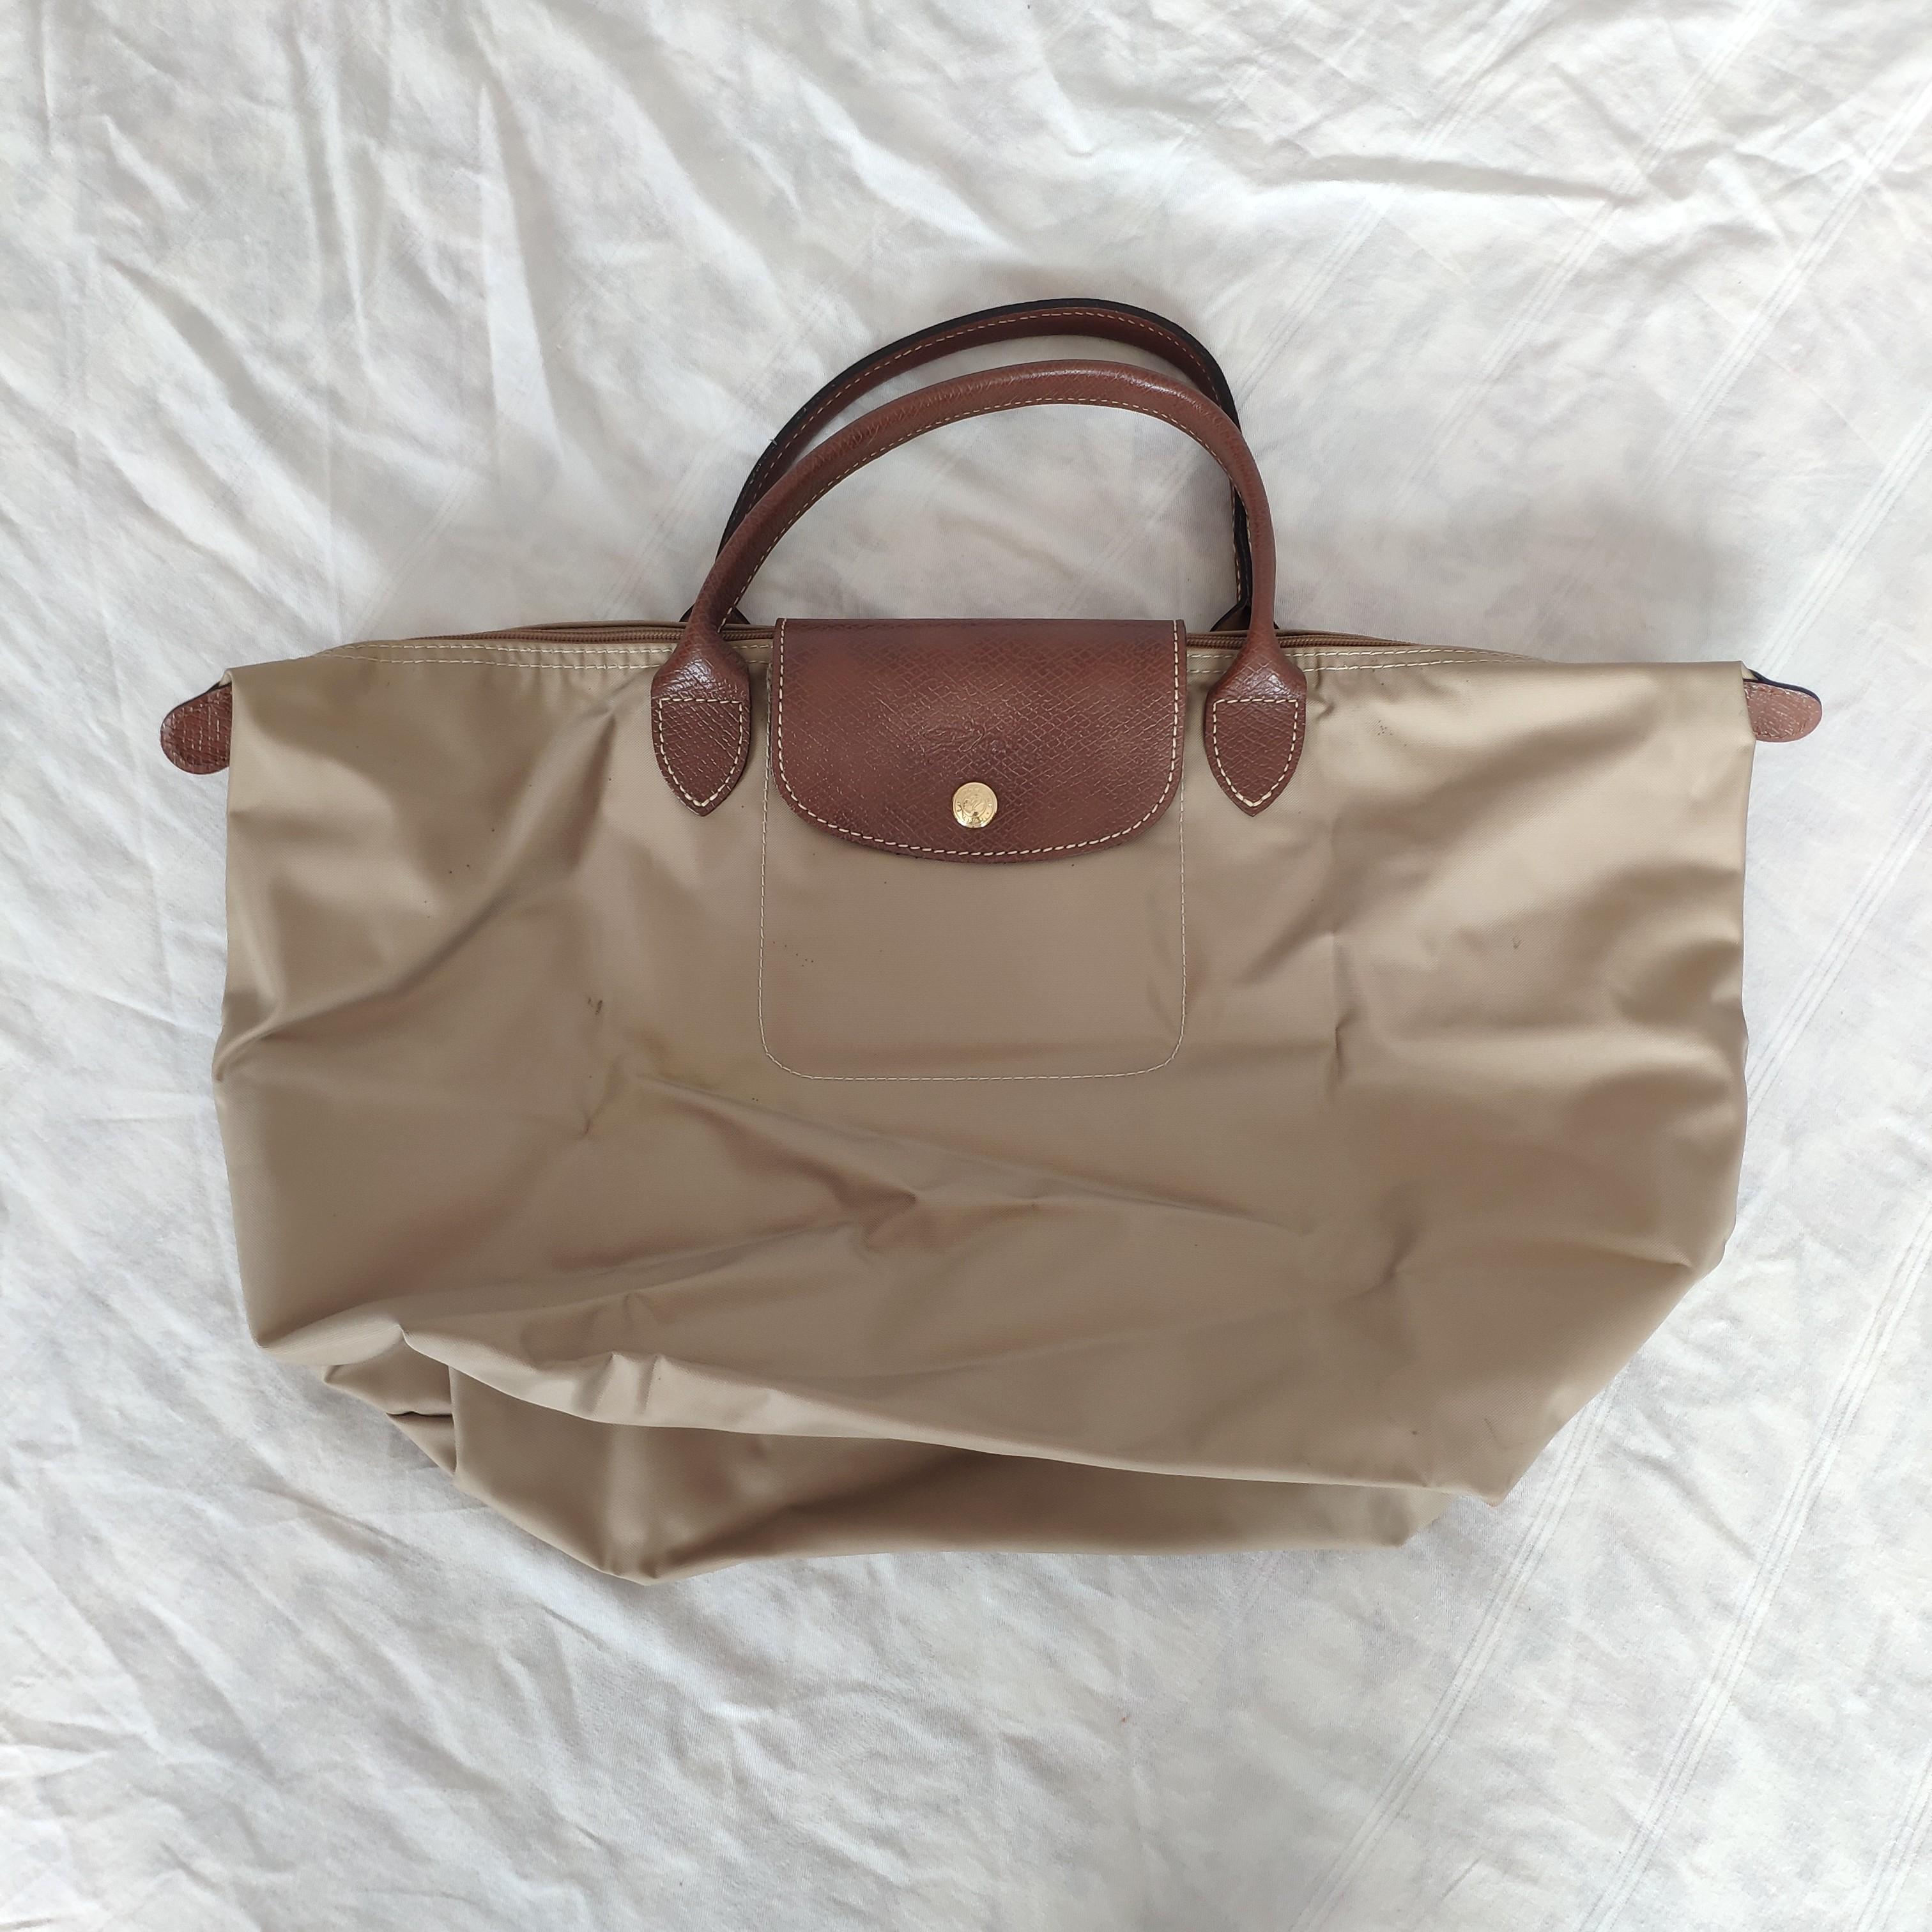 d19a22bb1f Longchamp Le Pliage Tote Bag, Women's Fashion, Bags & Wallets ...